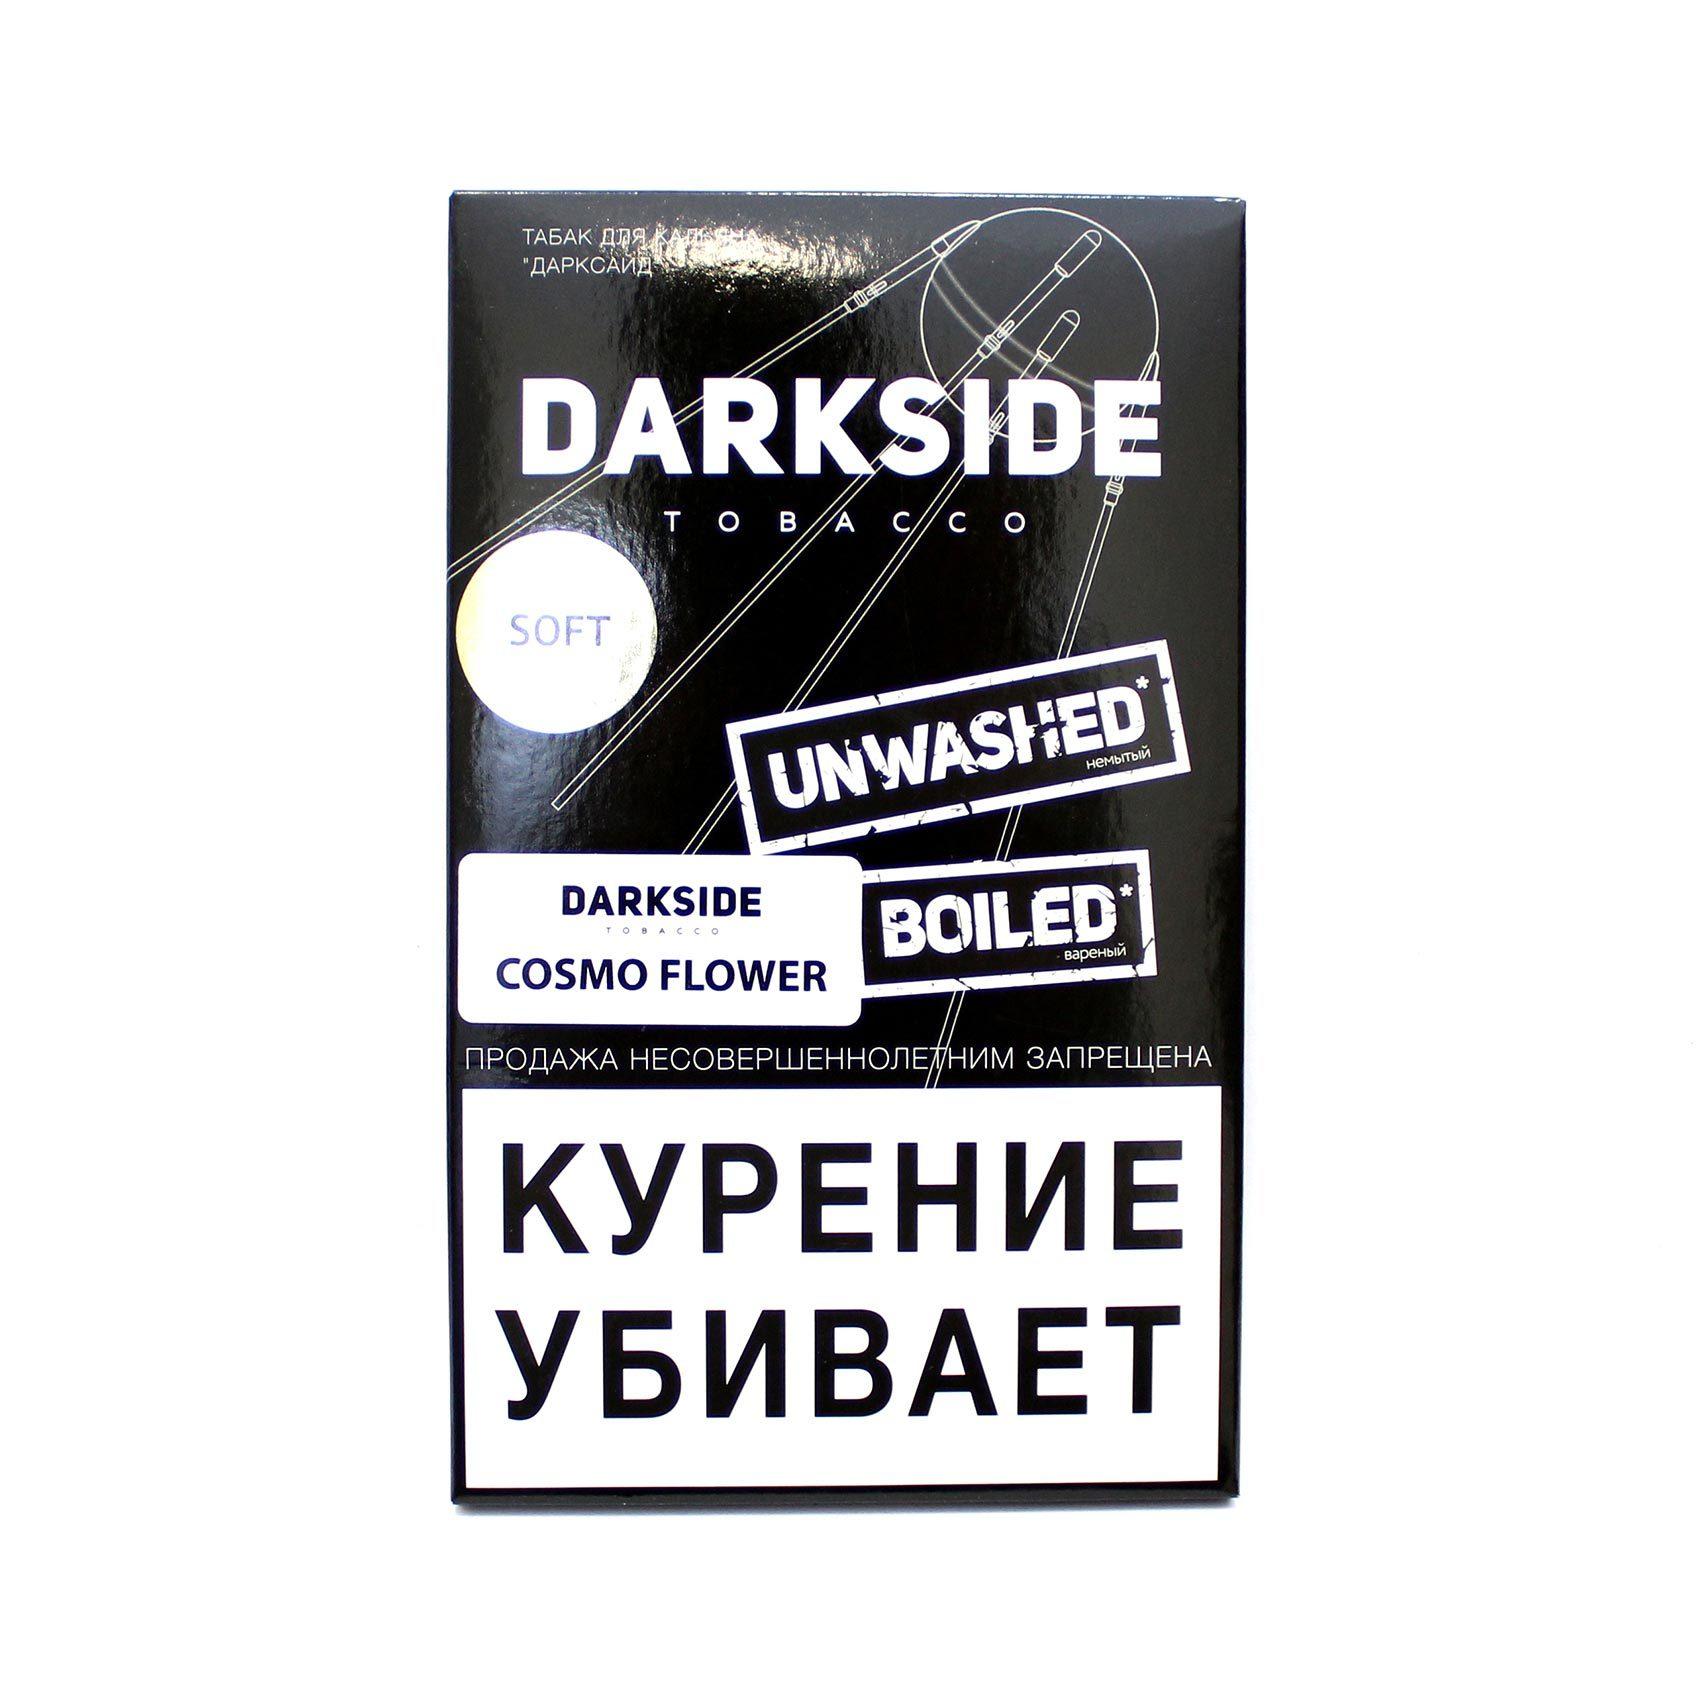 Табак для кальяна Dark Side Soft 100 гр. Cosmo Flower